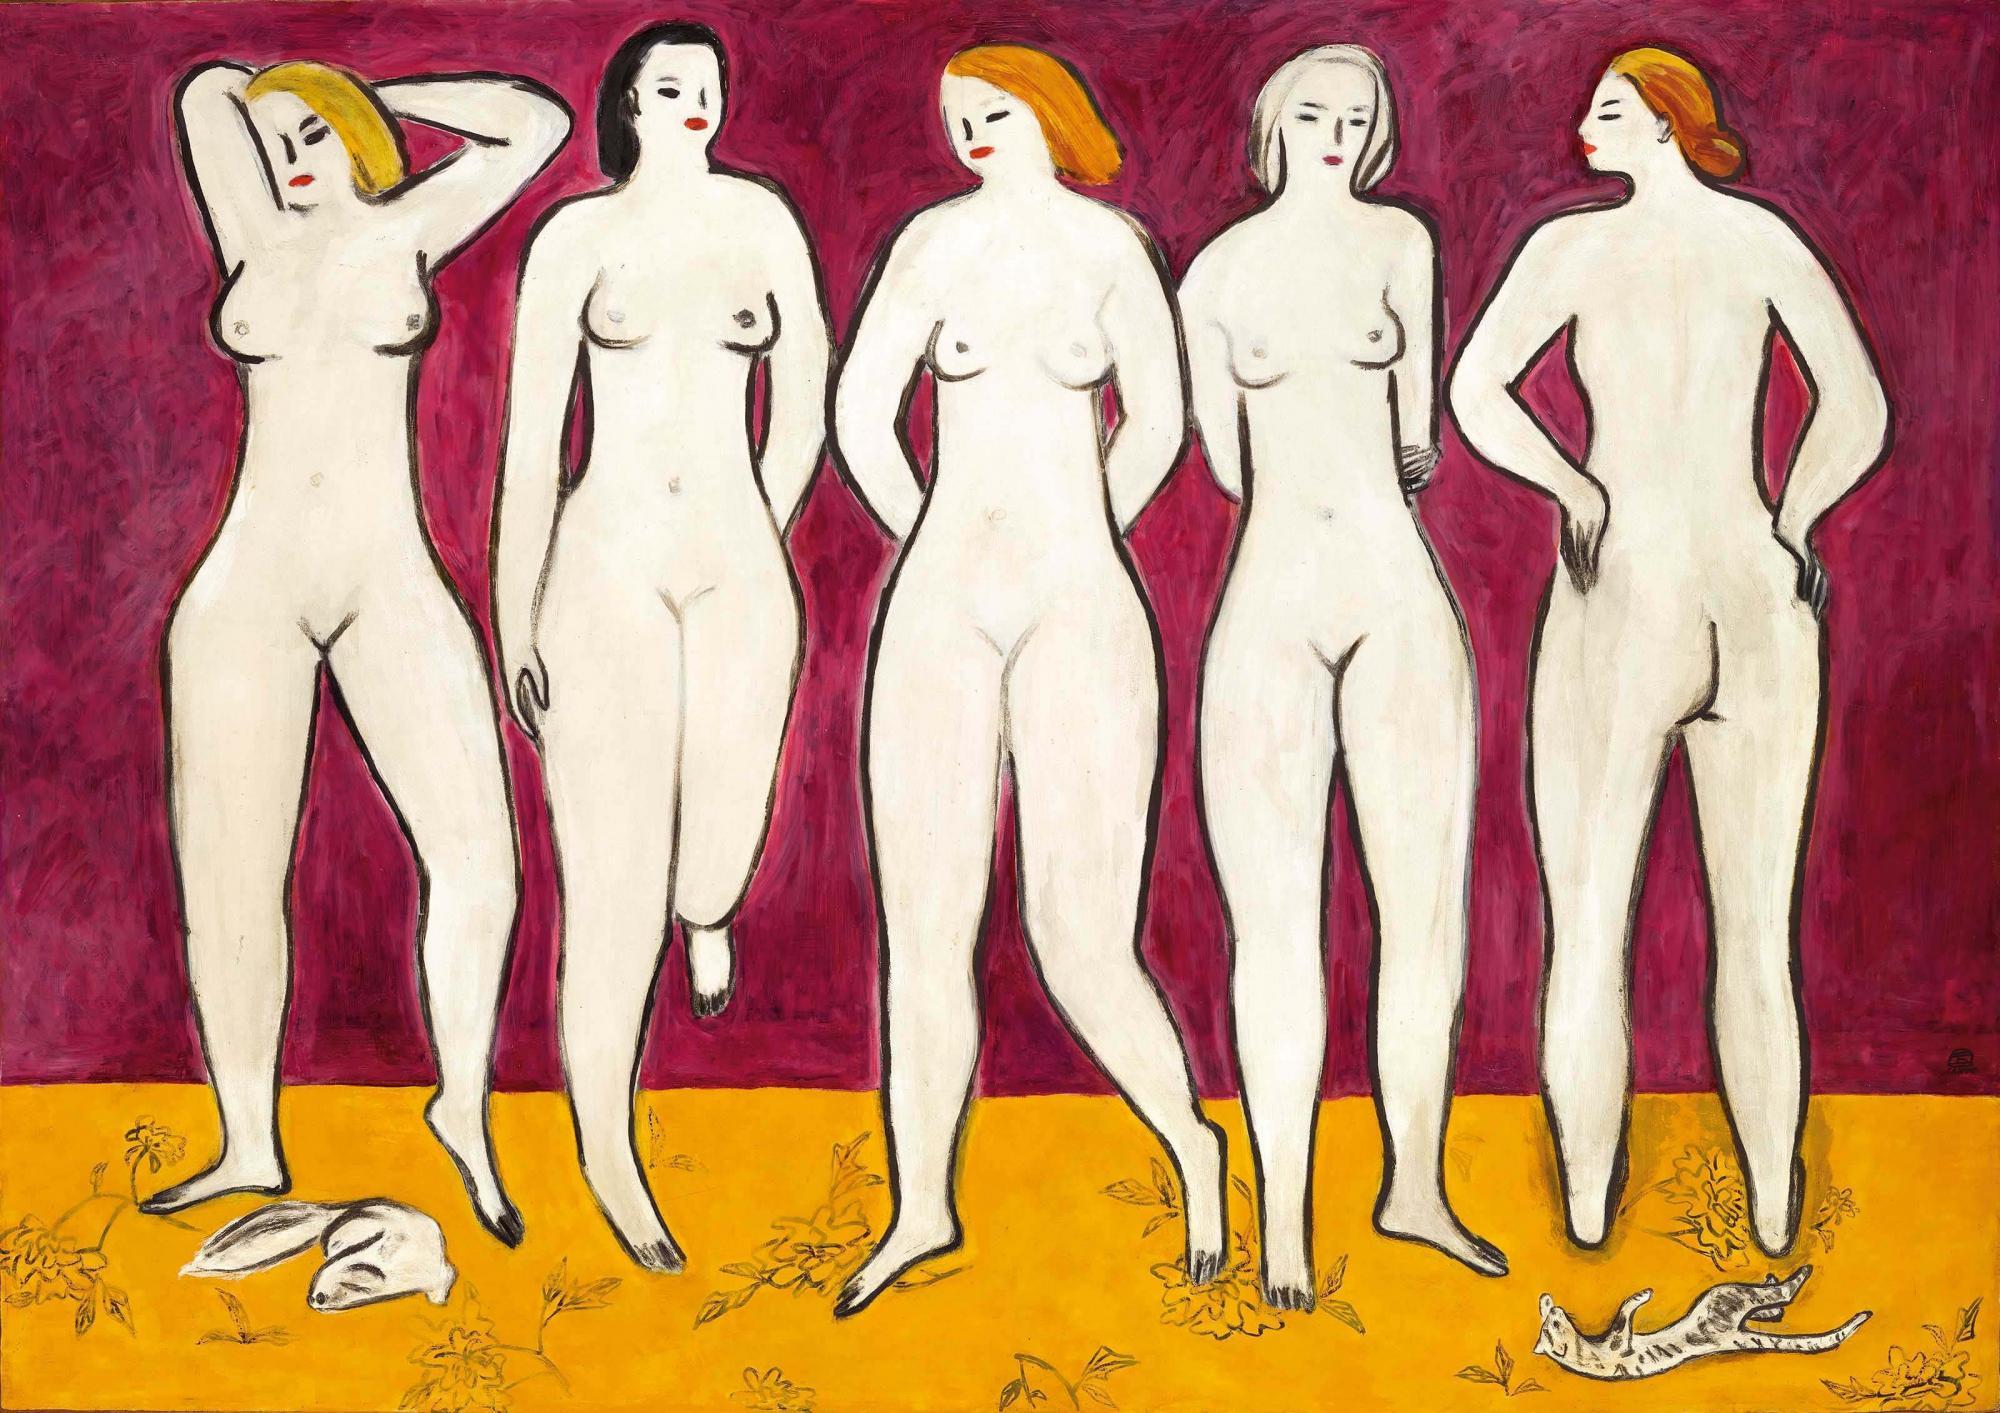 常玉 (1895 - 1966) 《五裸女》 油彩 纖維板 120 x 172 公分 (47 1/4 x 67 3/4 吋) 1950年代作 港幣250,000,000-550,000,000 / 美元33,000,000-70,000,000